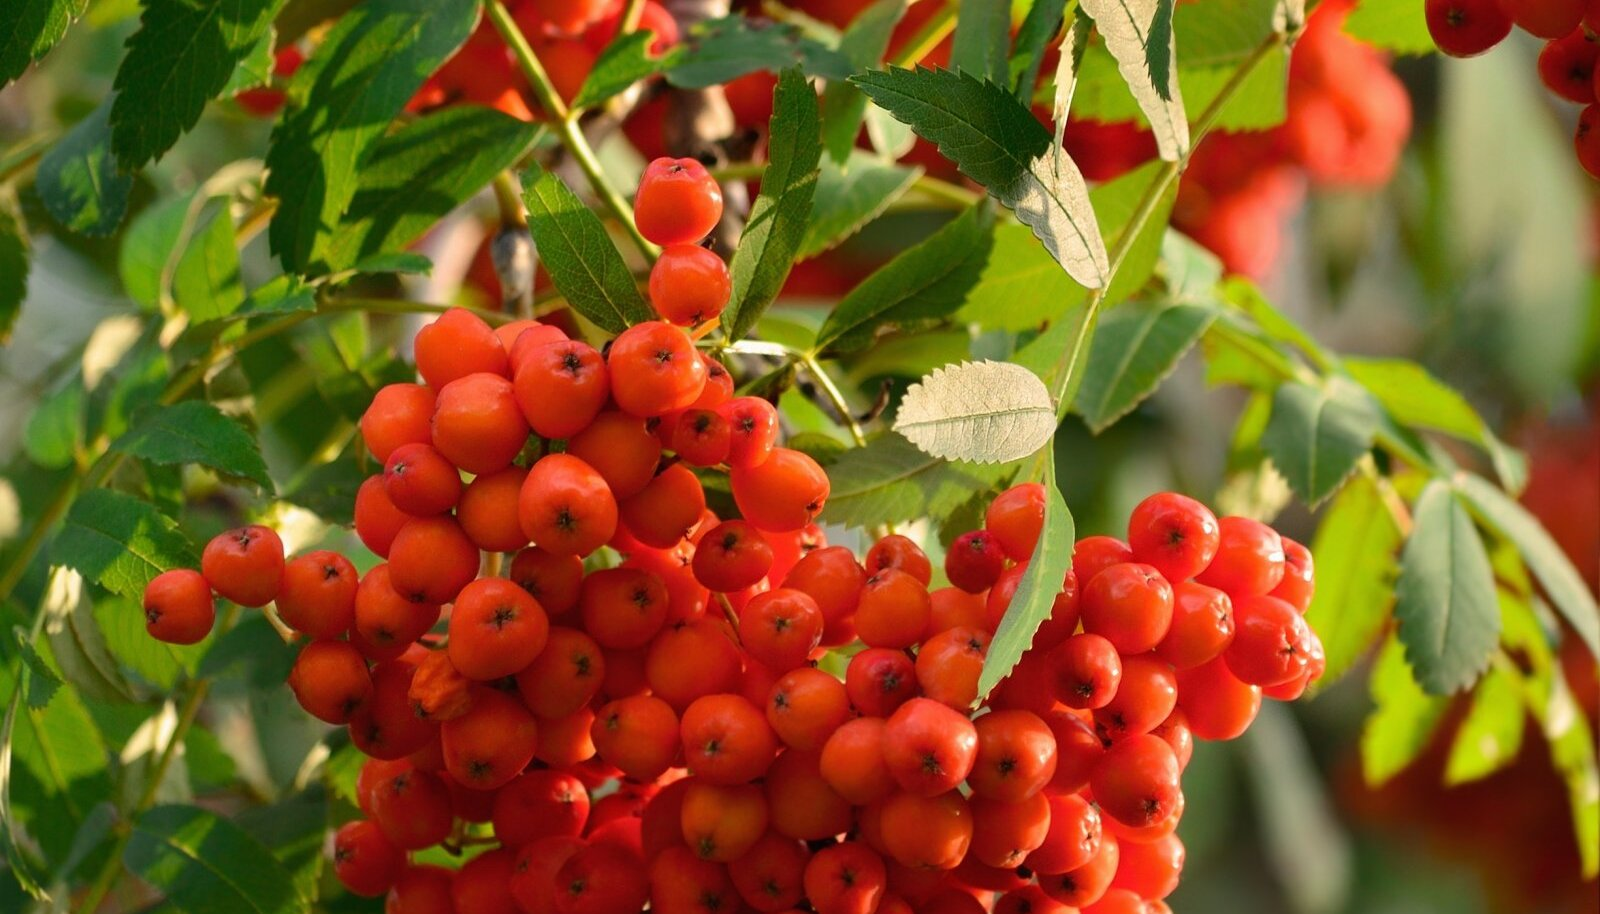 Ilupihlakate viljad on tavaliselt väikesed, kuid kaunites kobarates